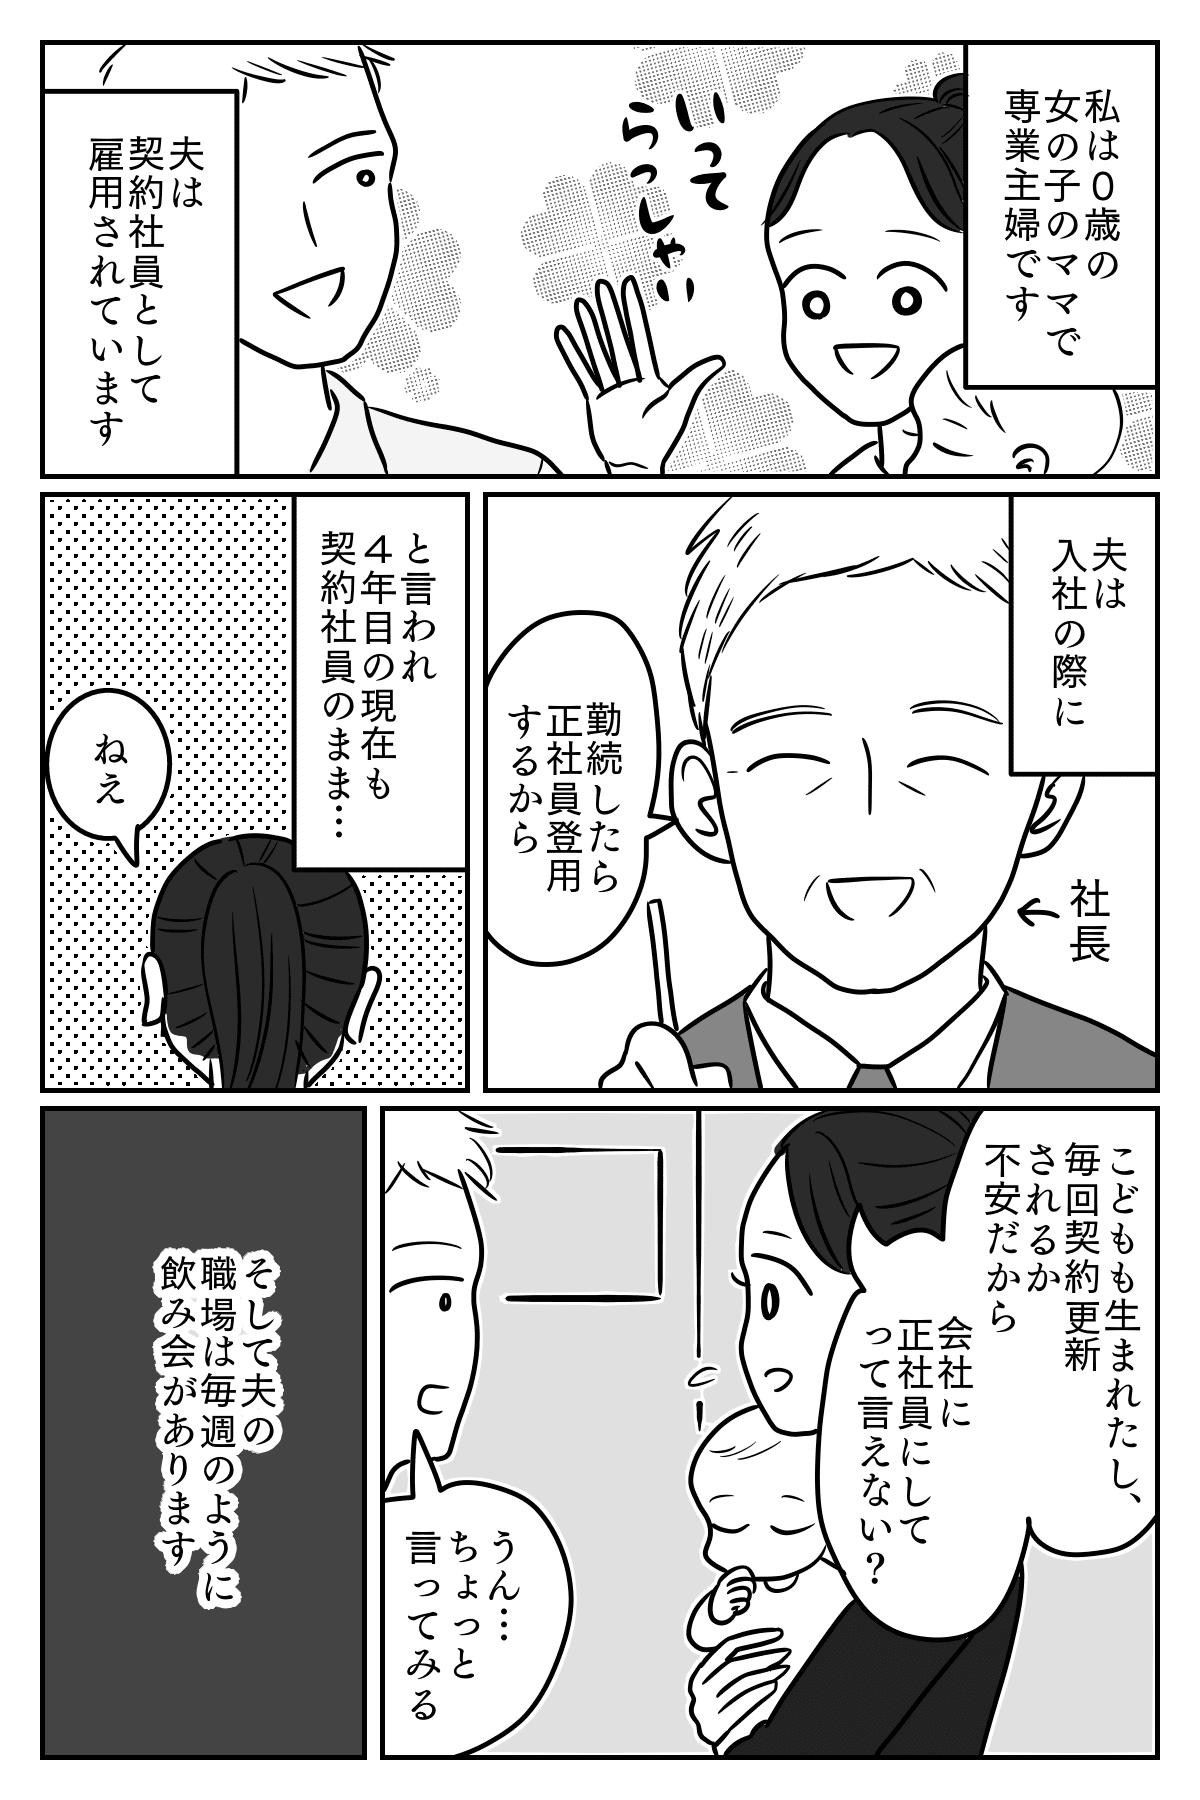 守銭奴前編01